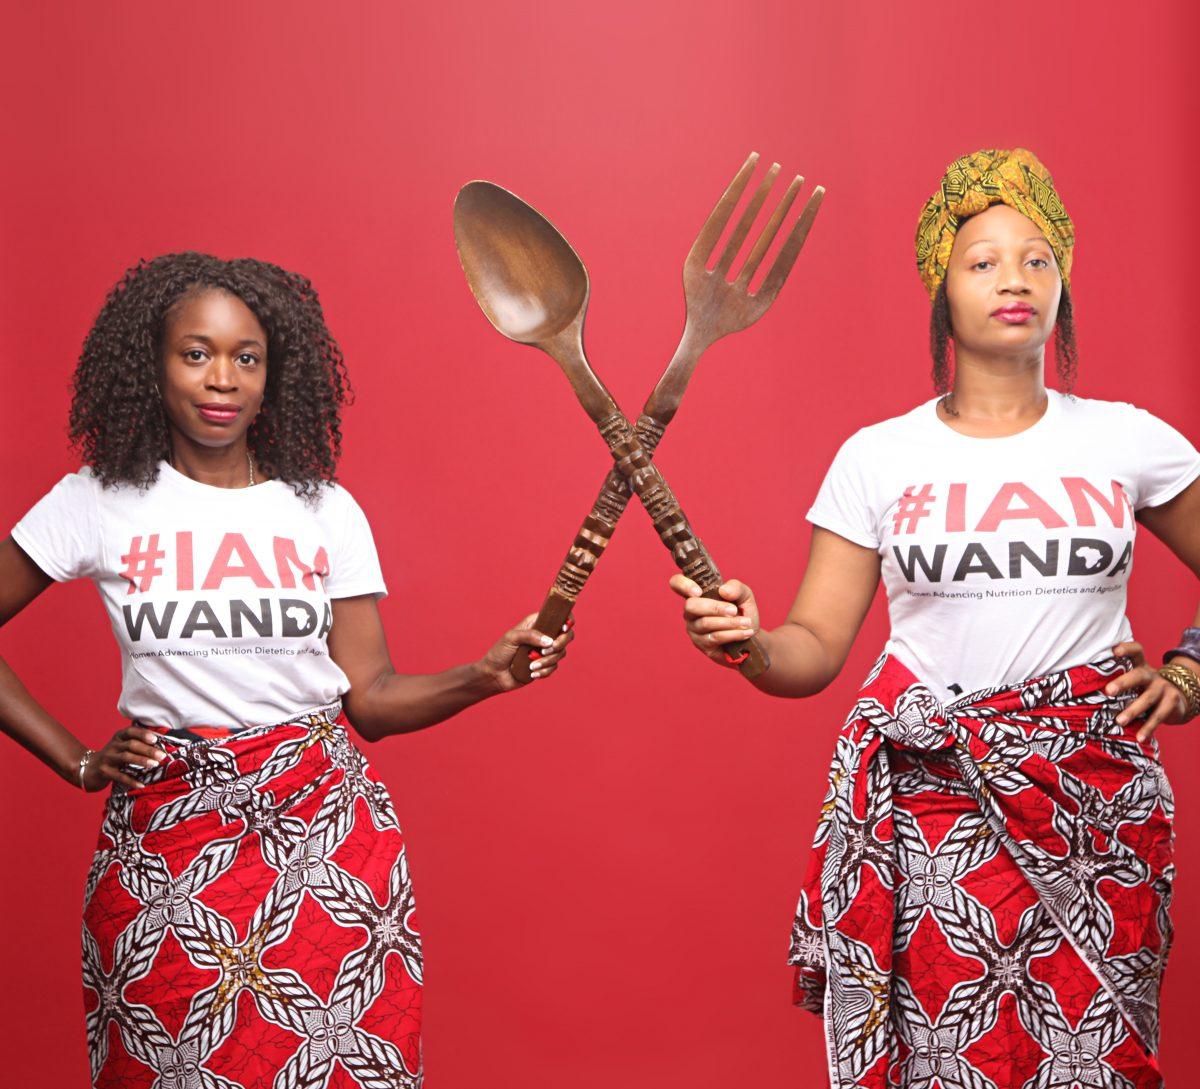 WANDA team members